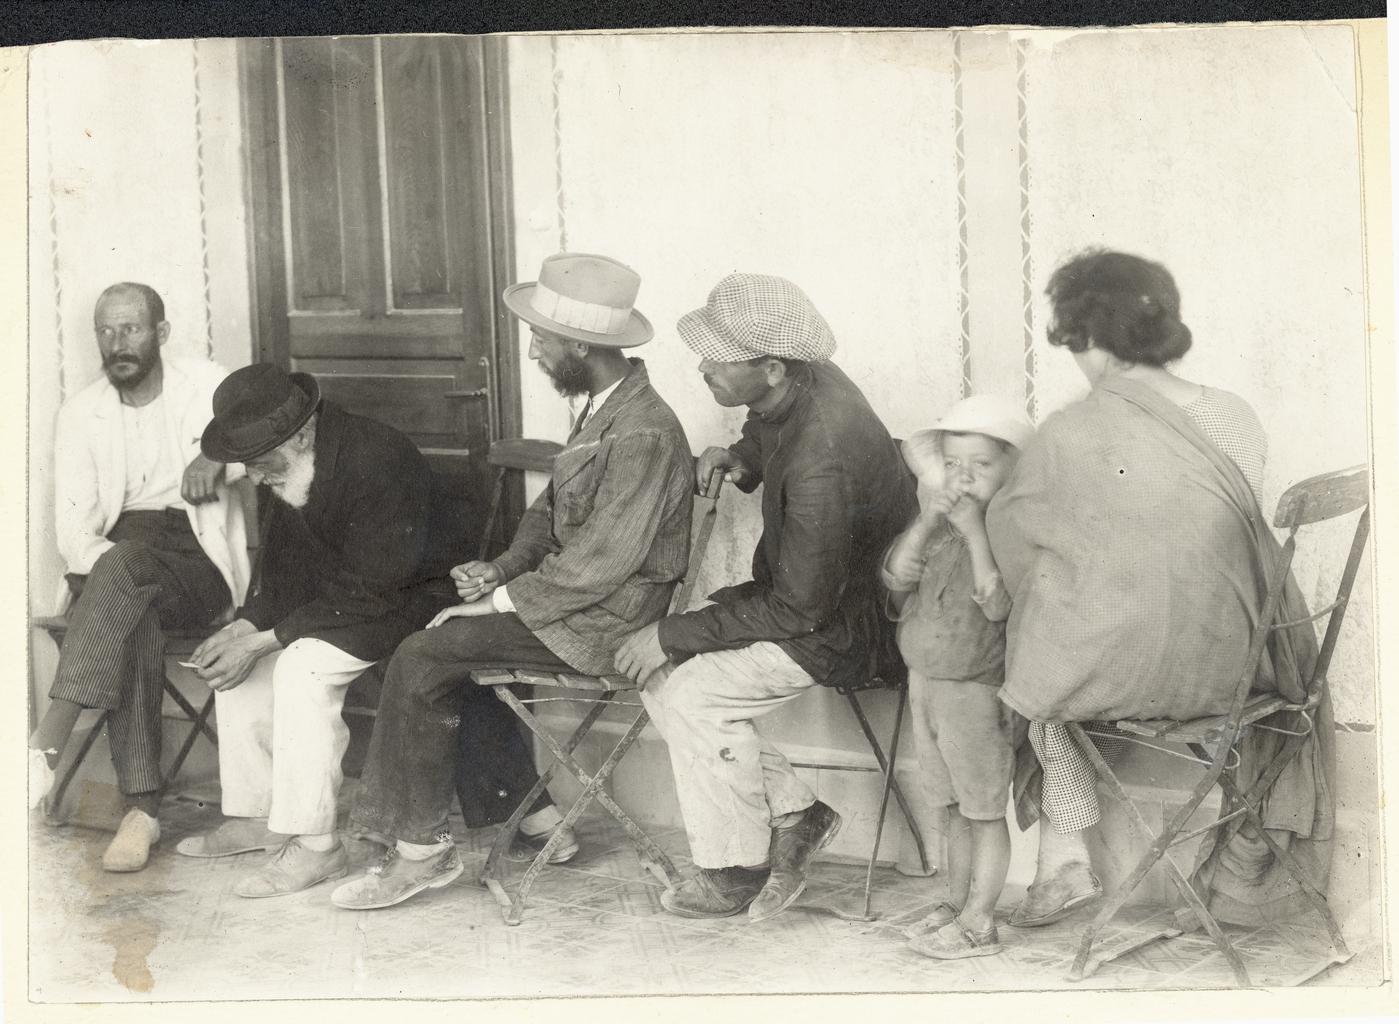 Пациенты, ожидающие приема в лазарете, Иерусалим